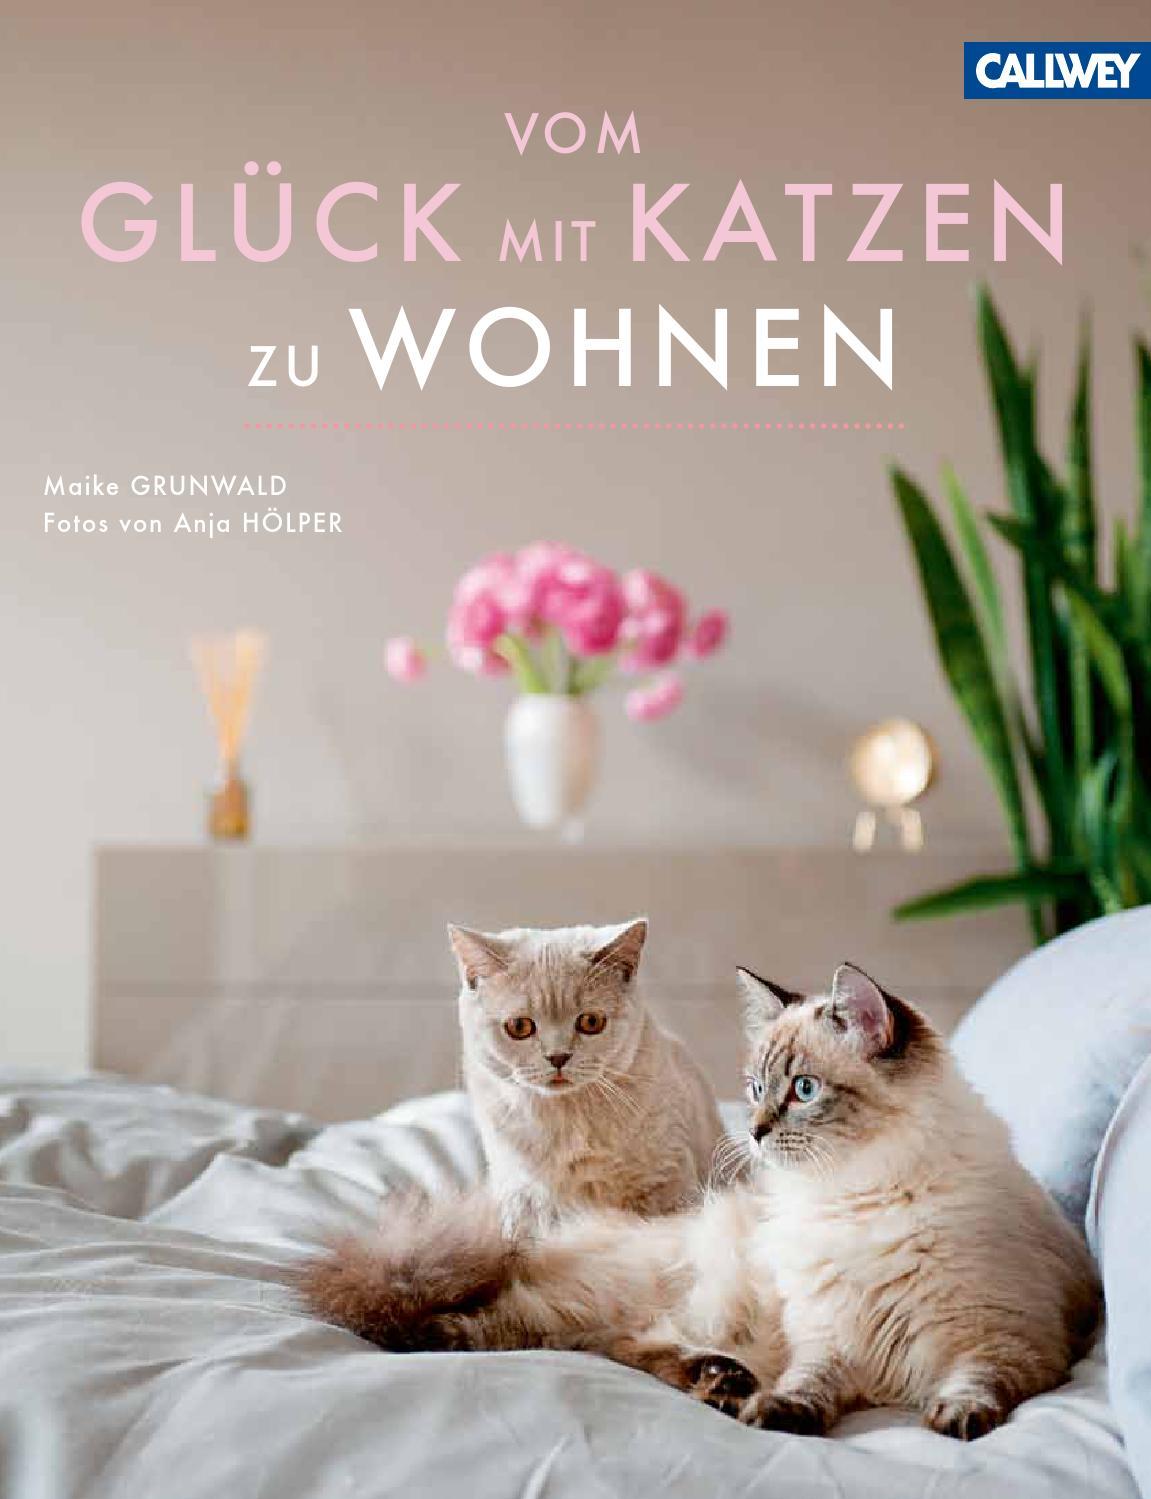 Vom Glück mit Katzen zu wohnen by Georg D.W. Callwey GmbH & Co. KG ...